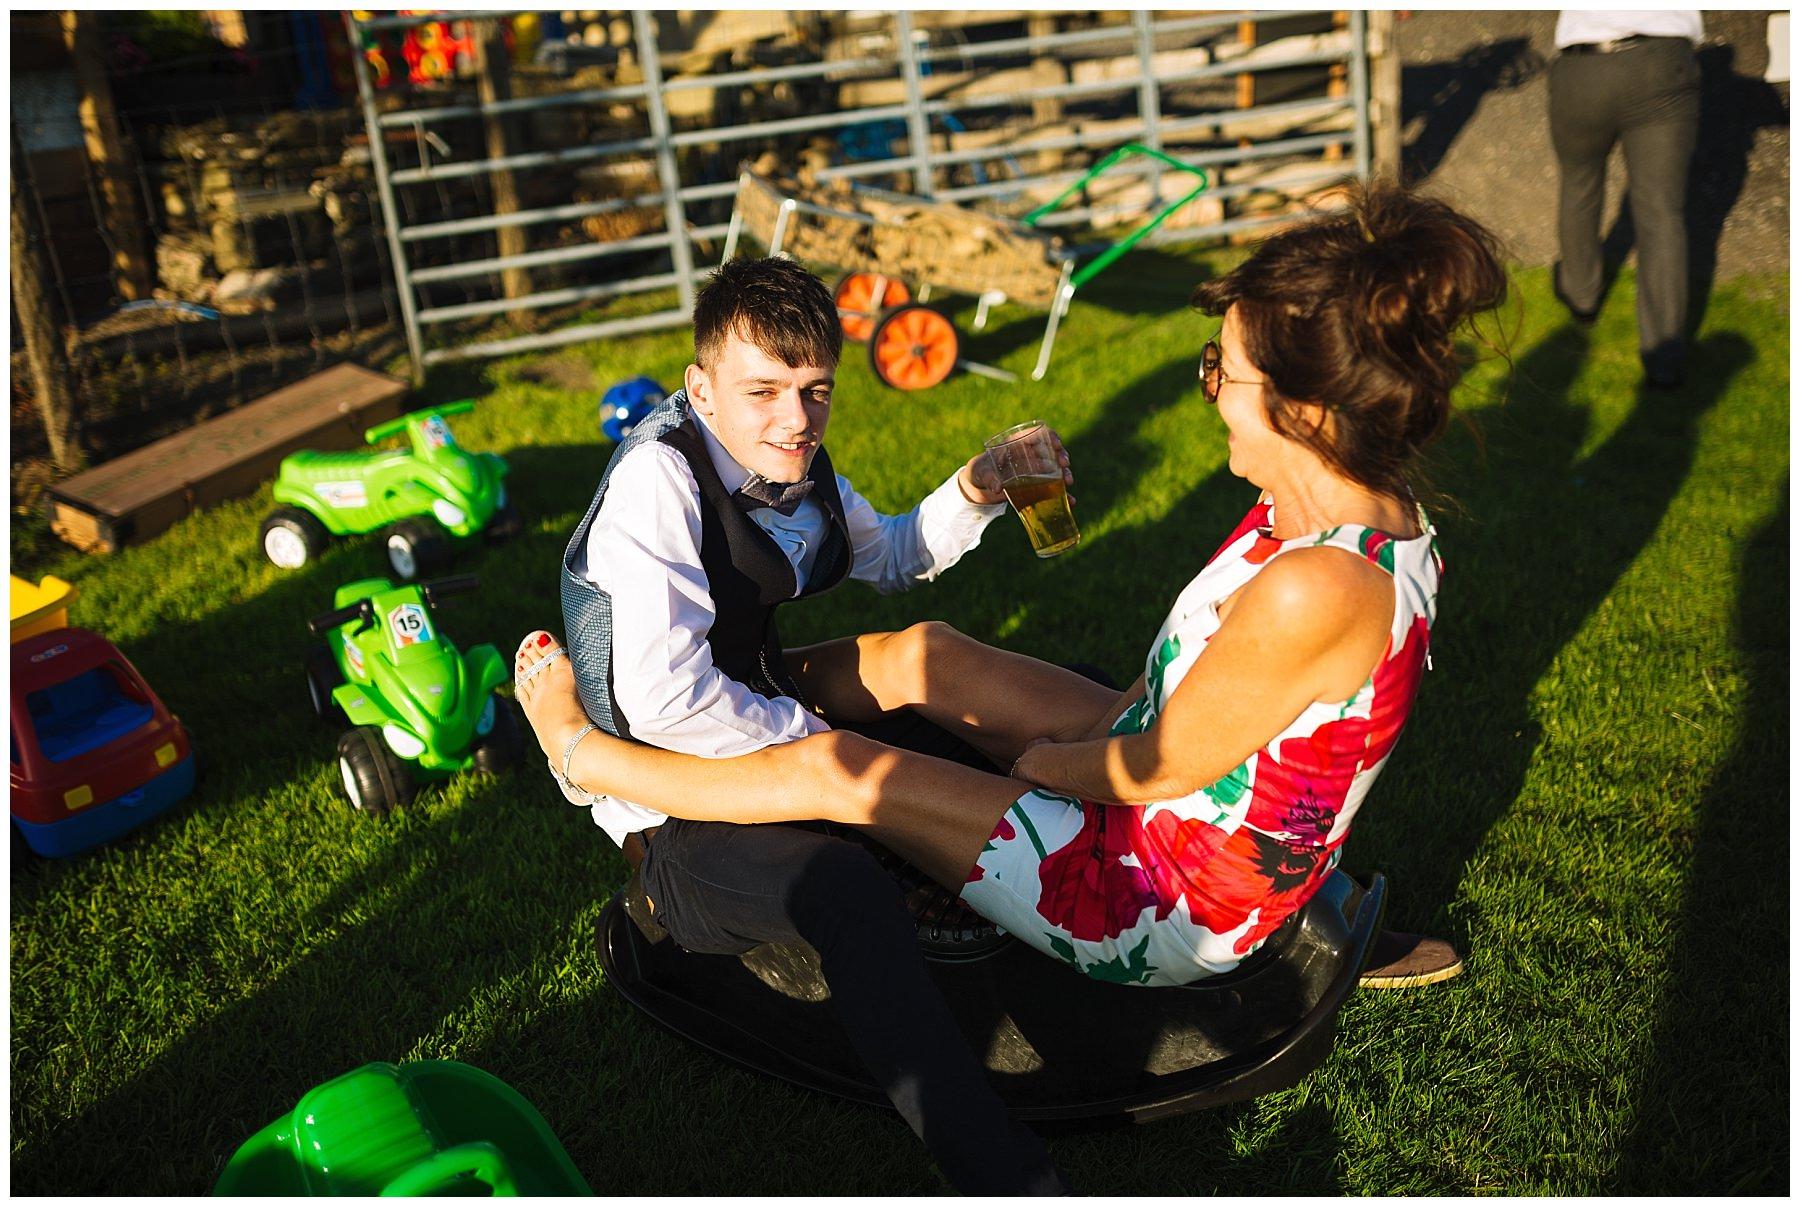 Wedding guests enjoy the lawn games at wellbeing farm wedding